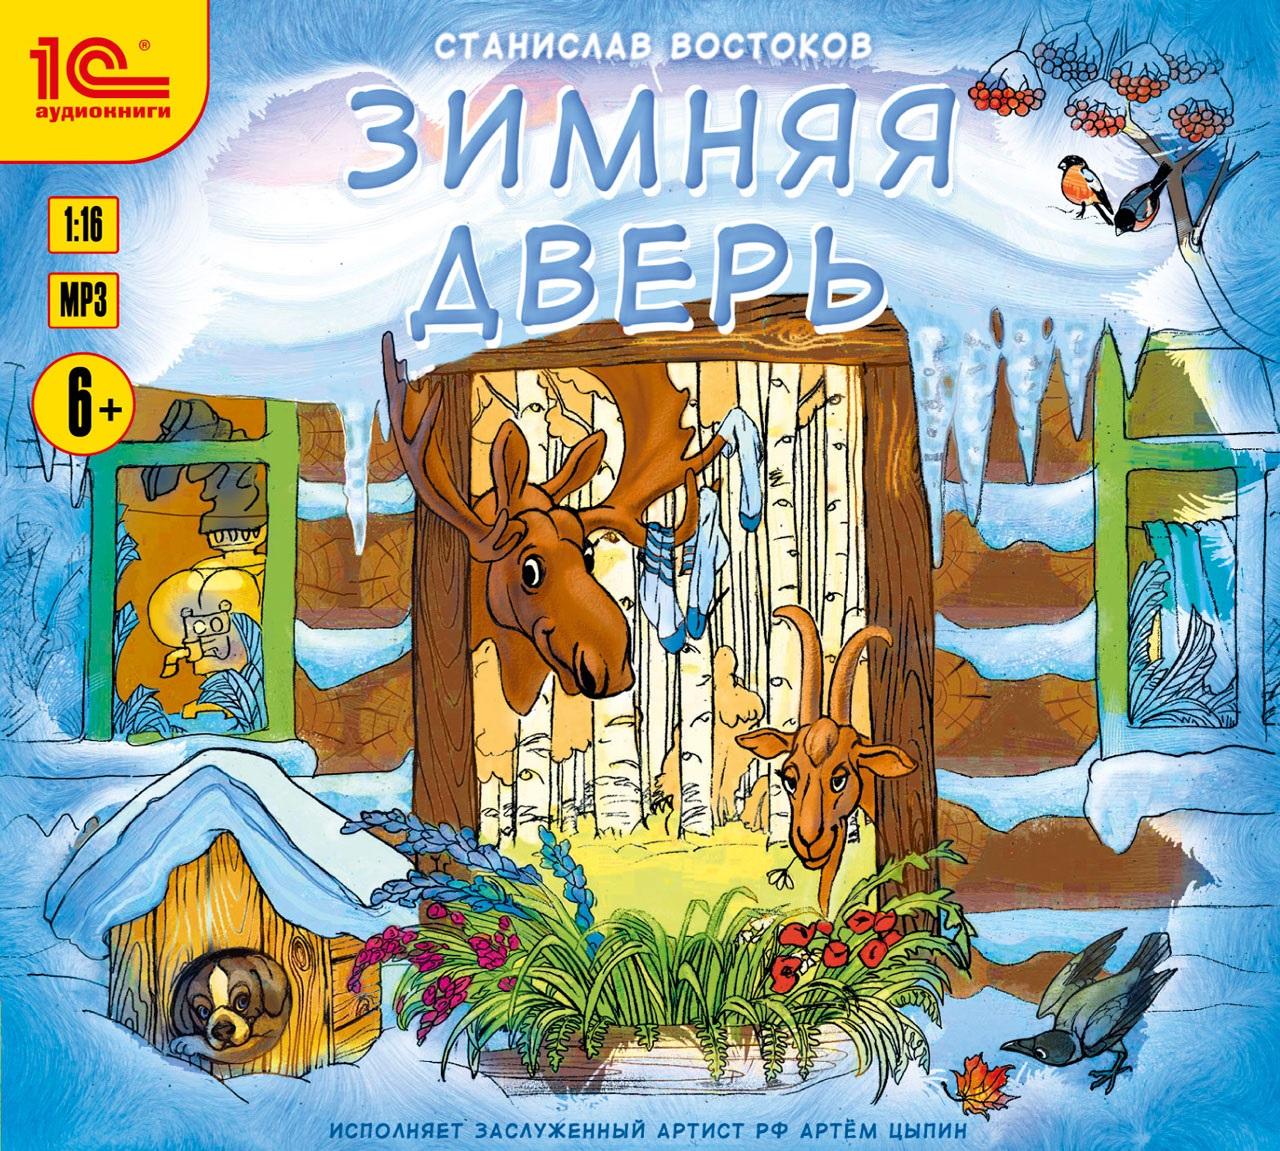 Зимняя дверьПредставляем вашему вниманию аудиокнигу Зимняя дверь, в которой собраны рассказы С.В. Востокова.<br>